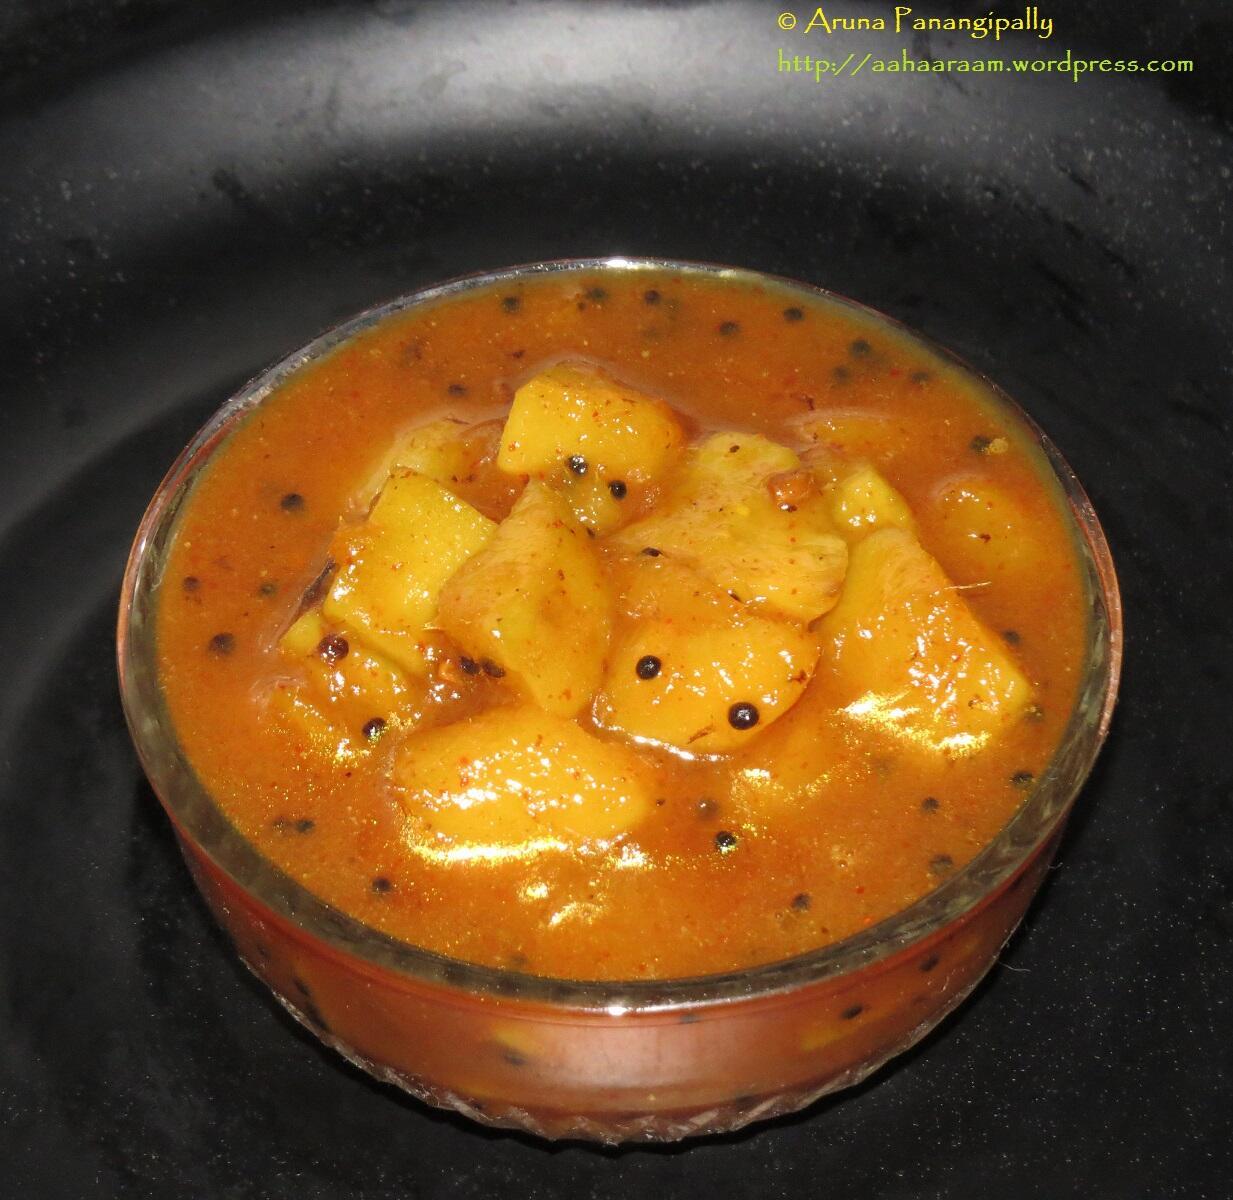 Methamba - Raw Mango and Fenugreek Relish or Chutney